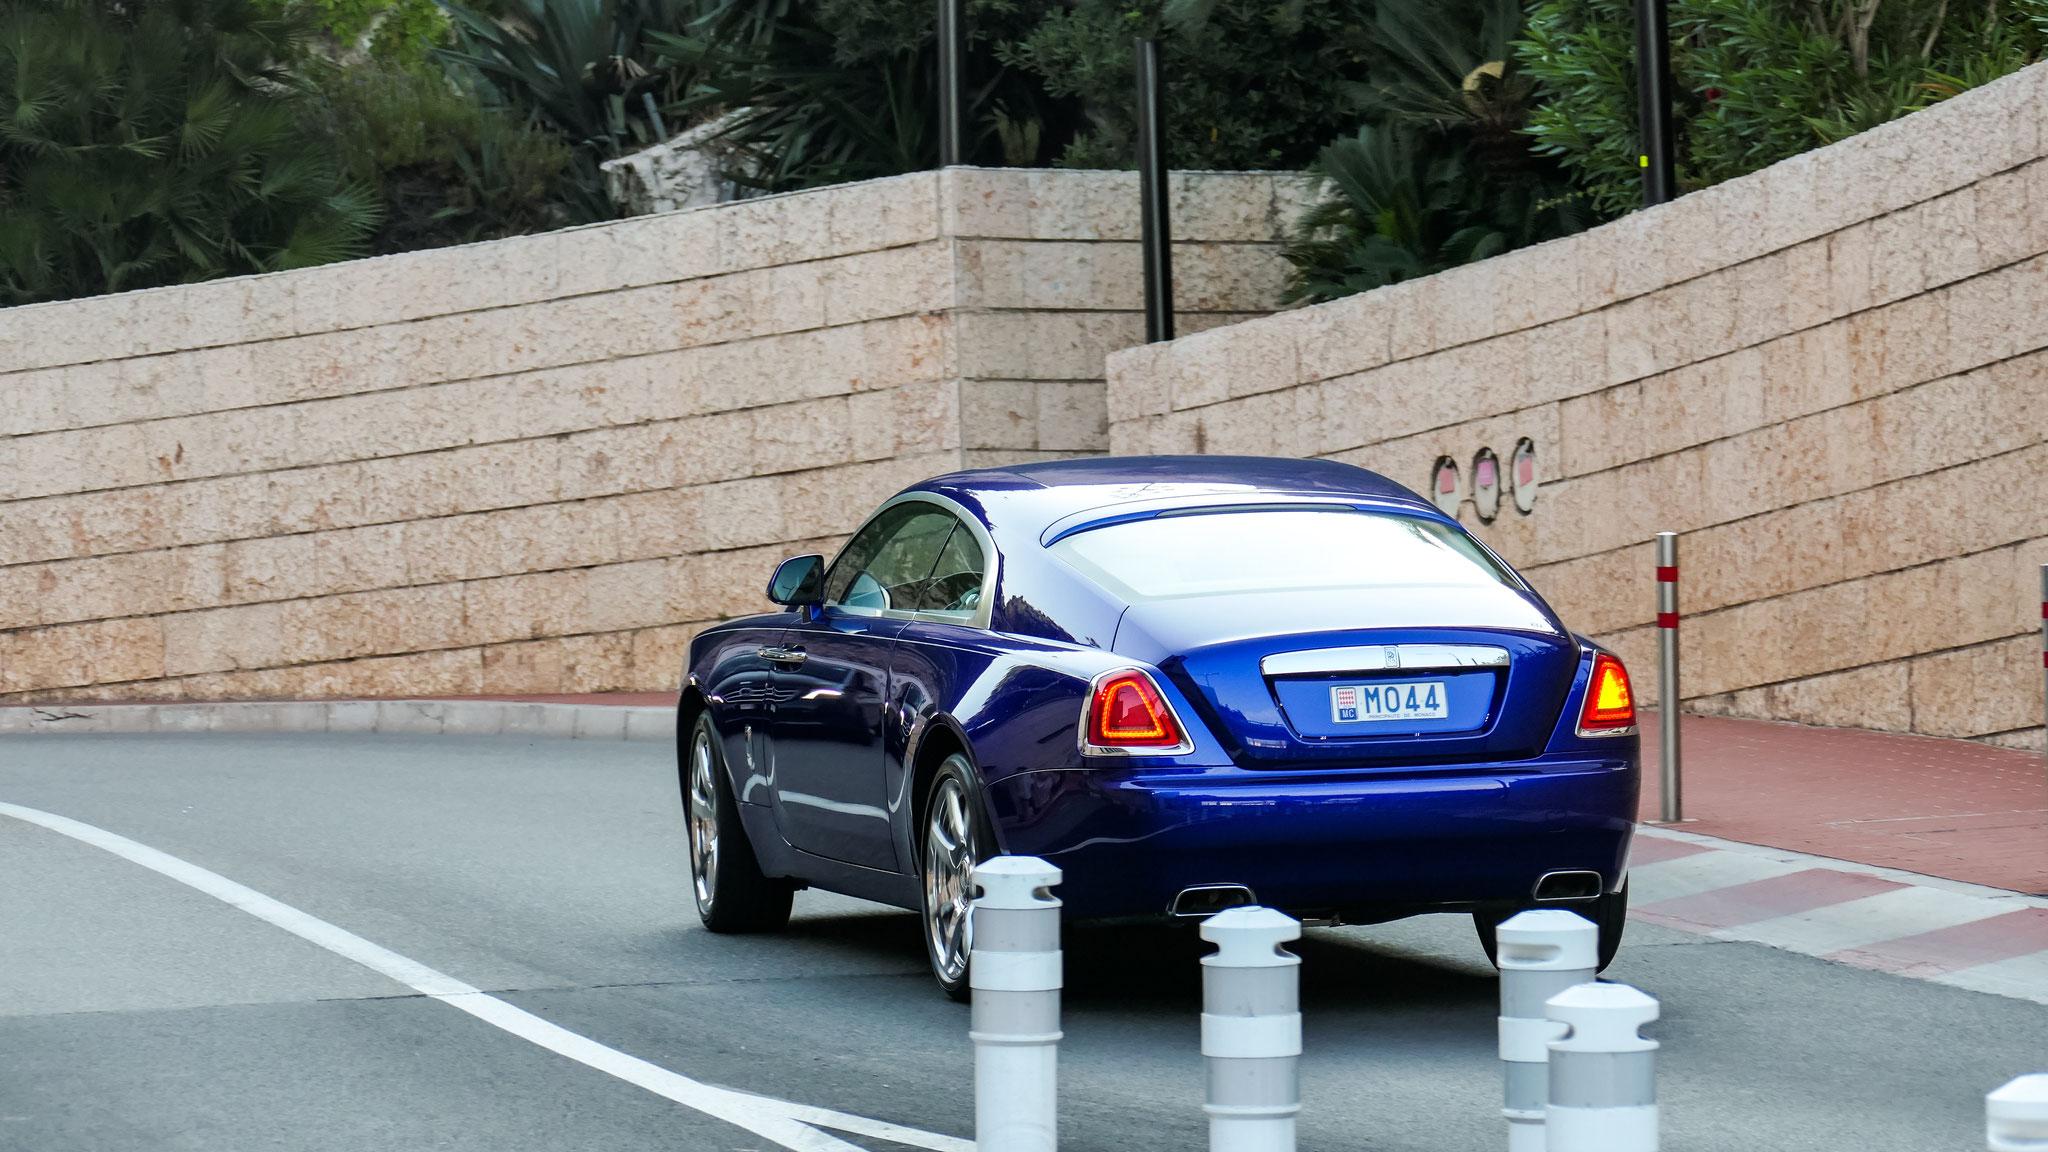 Rolls Royce Wraith - M044 (MC)